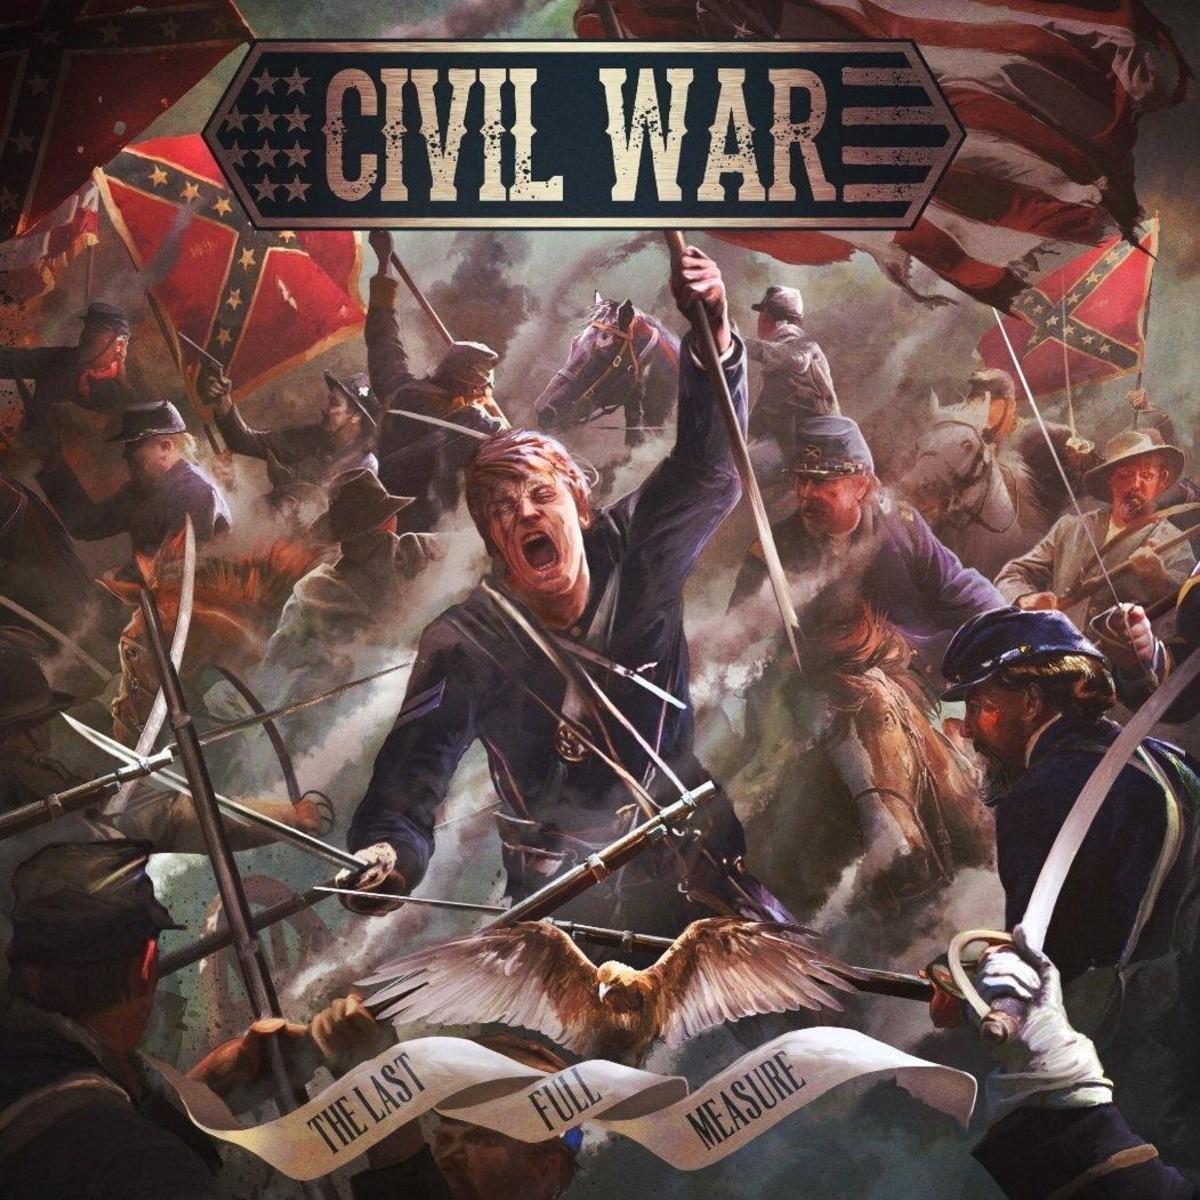 CD : Civil War - The Last Full Measure (CD)